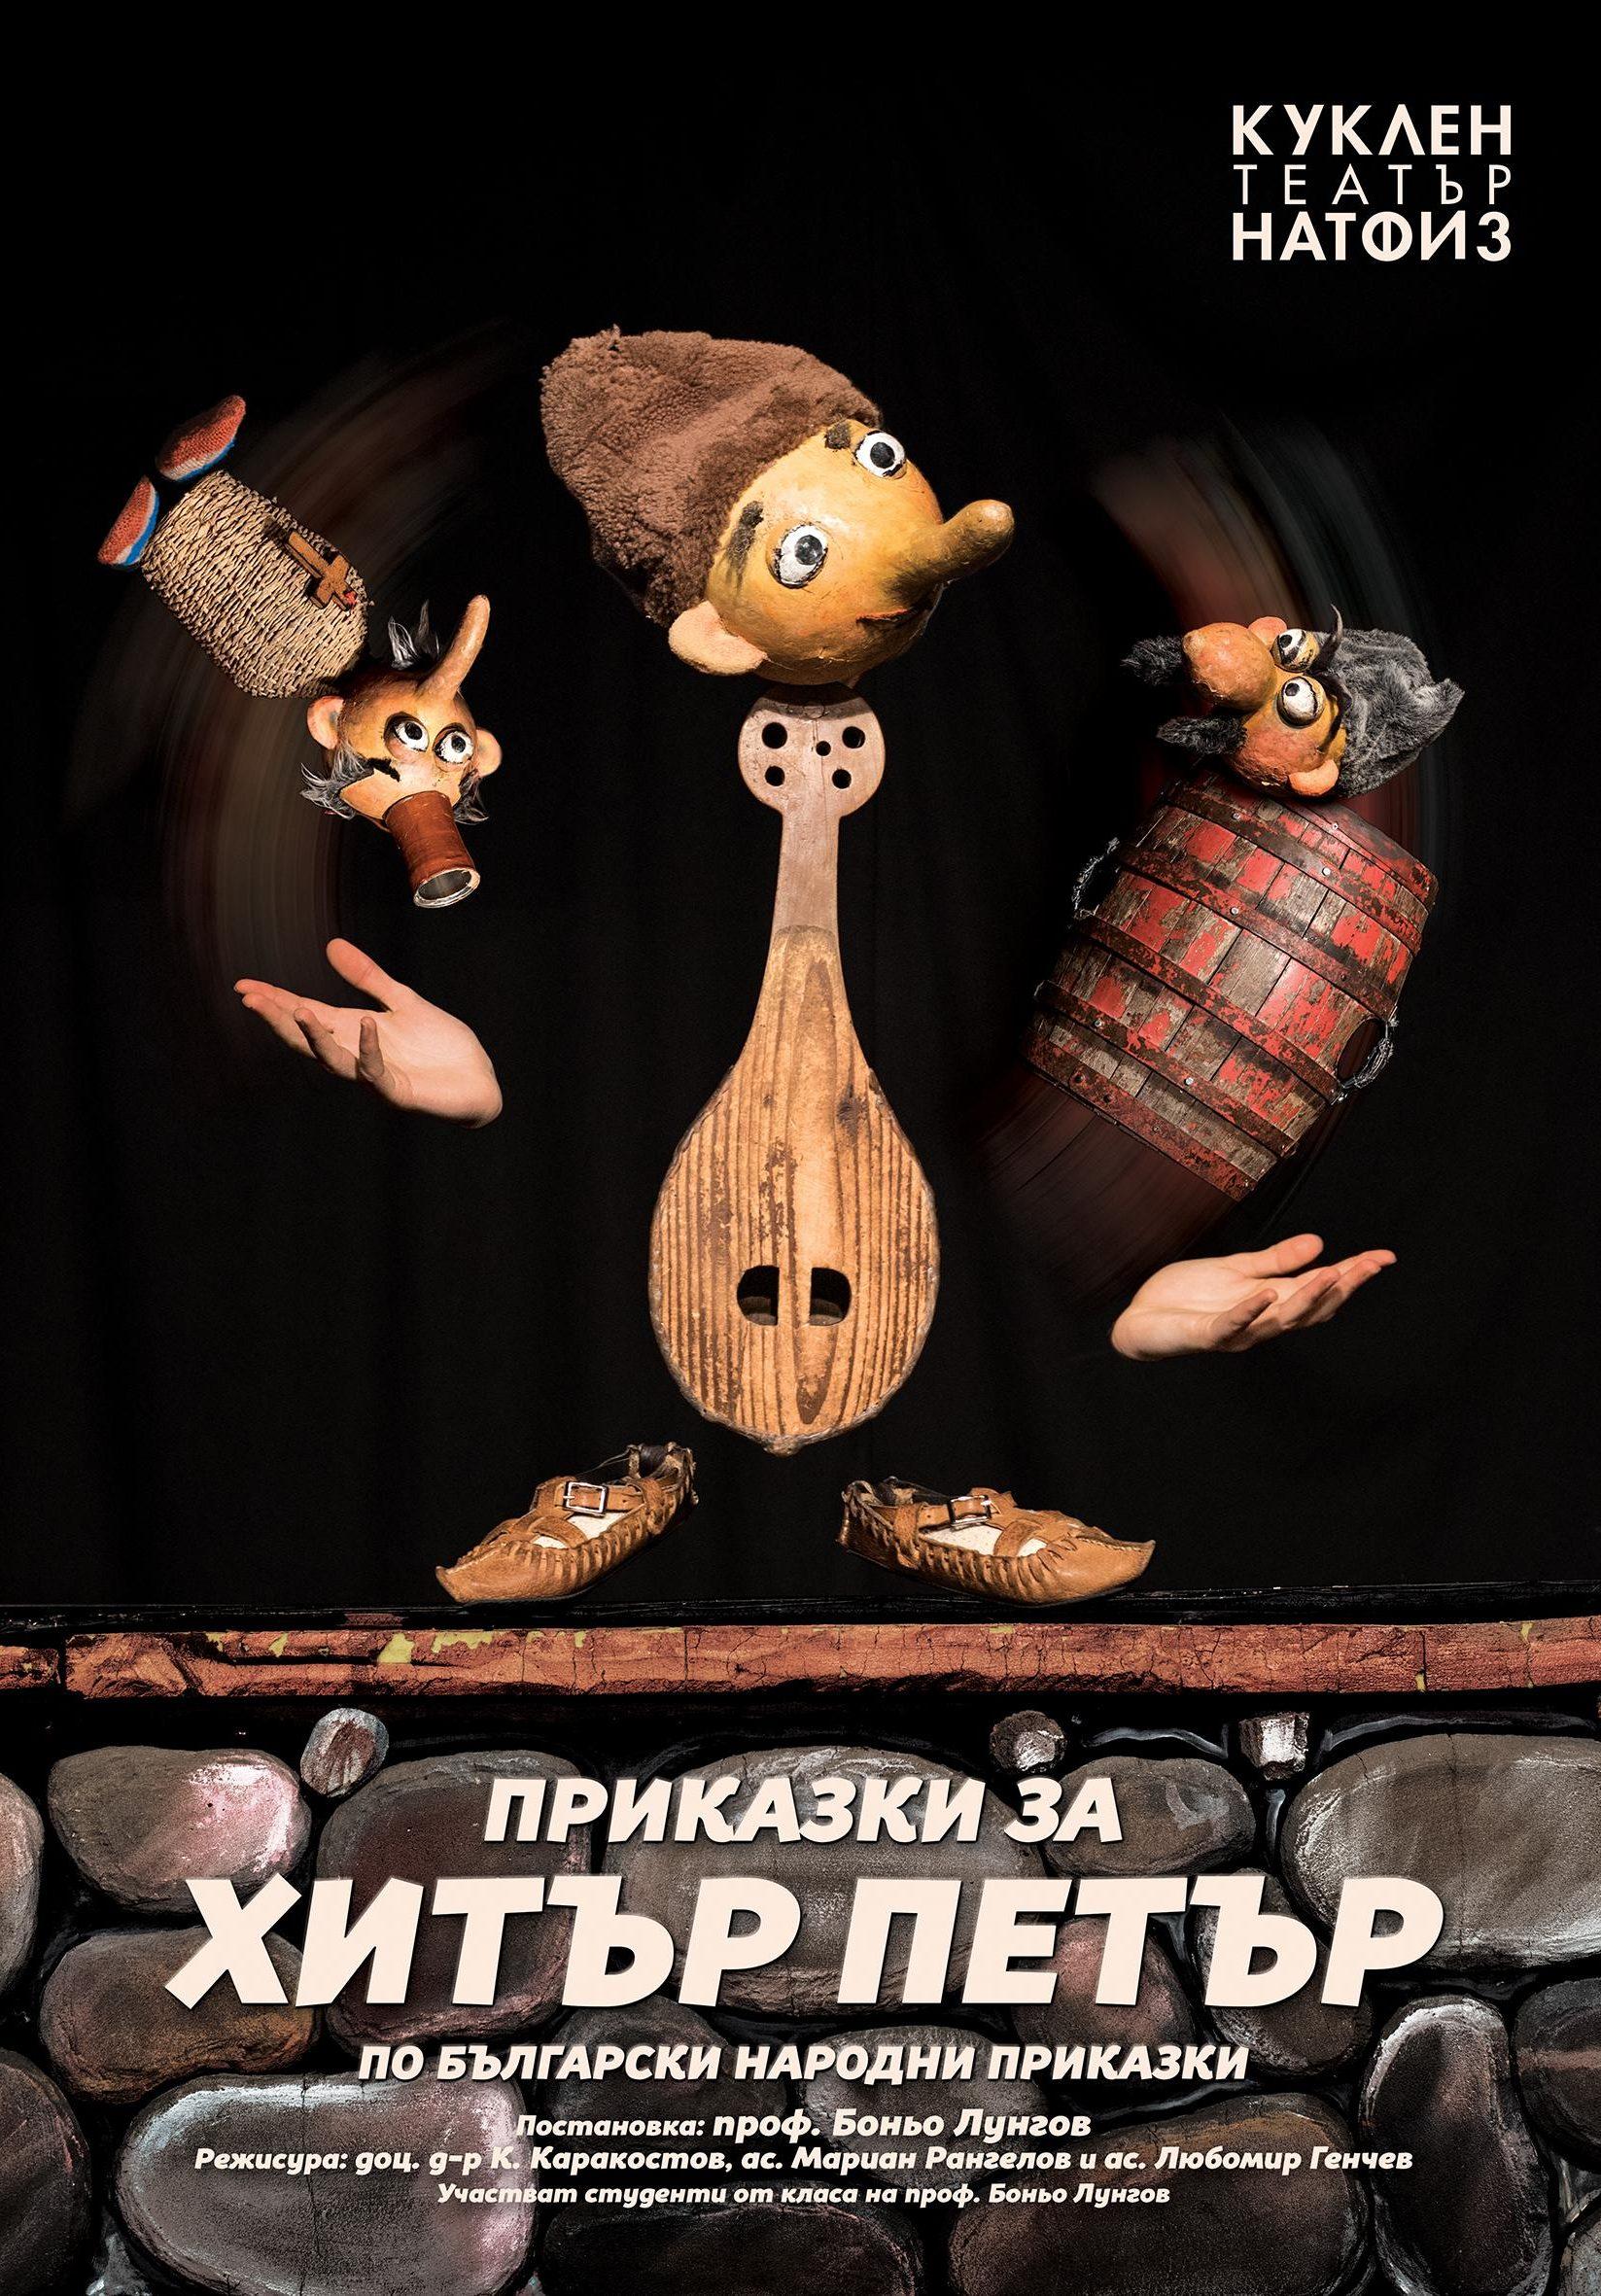 Очаквайте на сцената на Куклен театър НАТФИЗ…